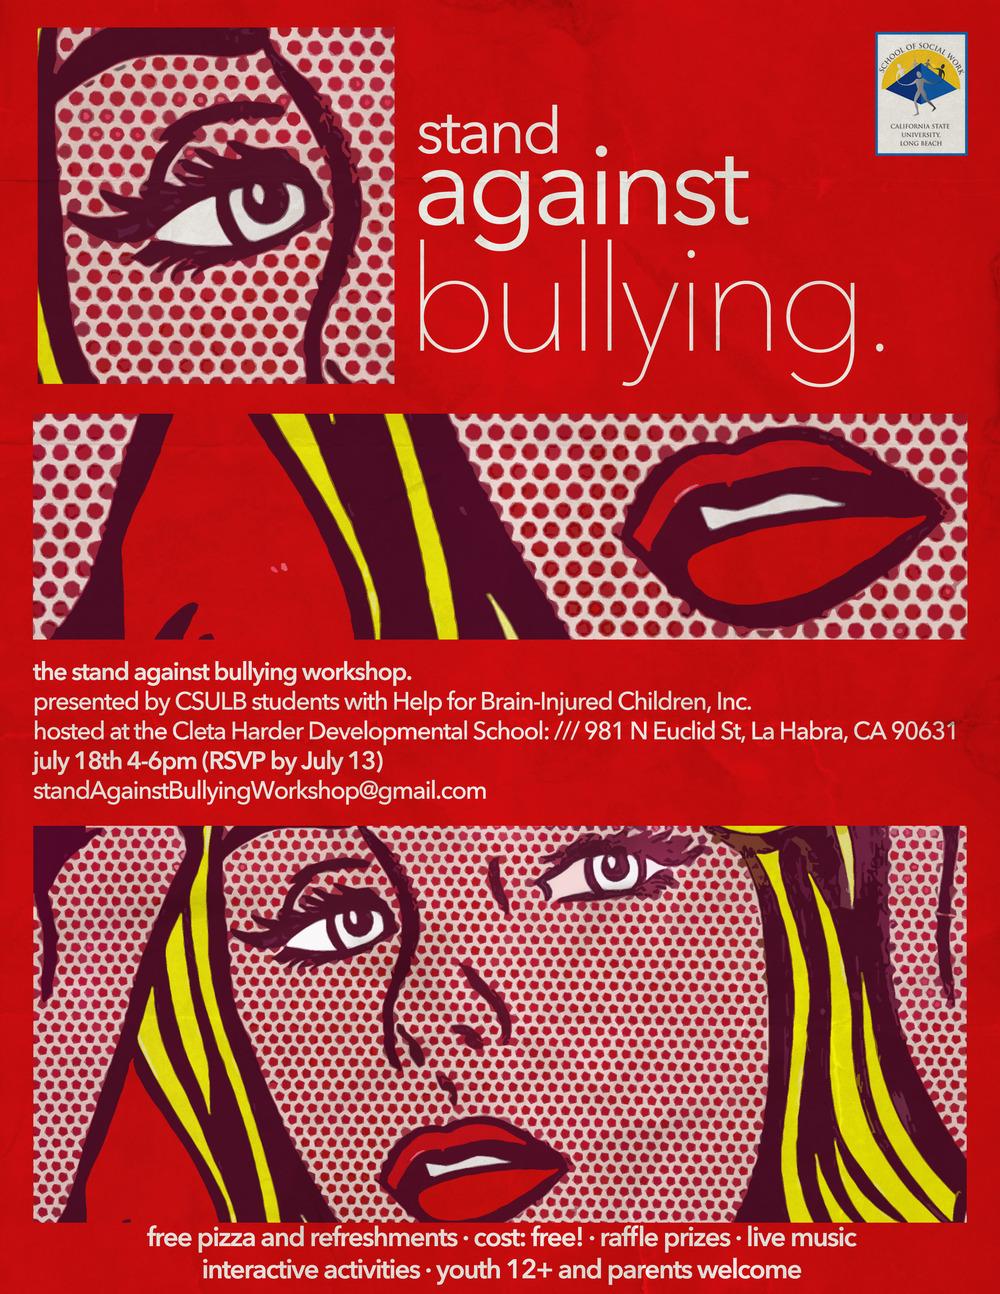 stand against bullying.jpg